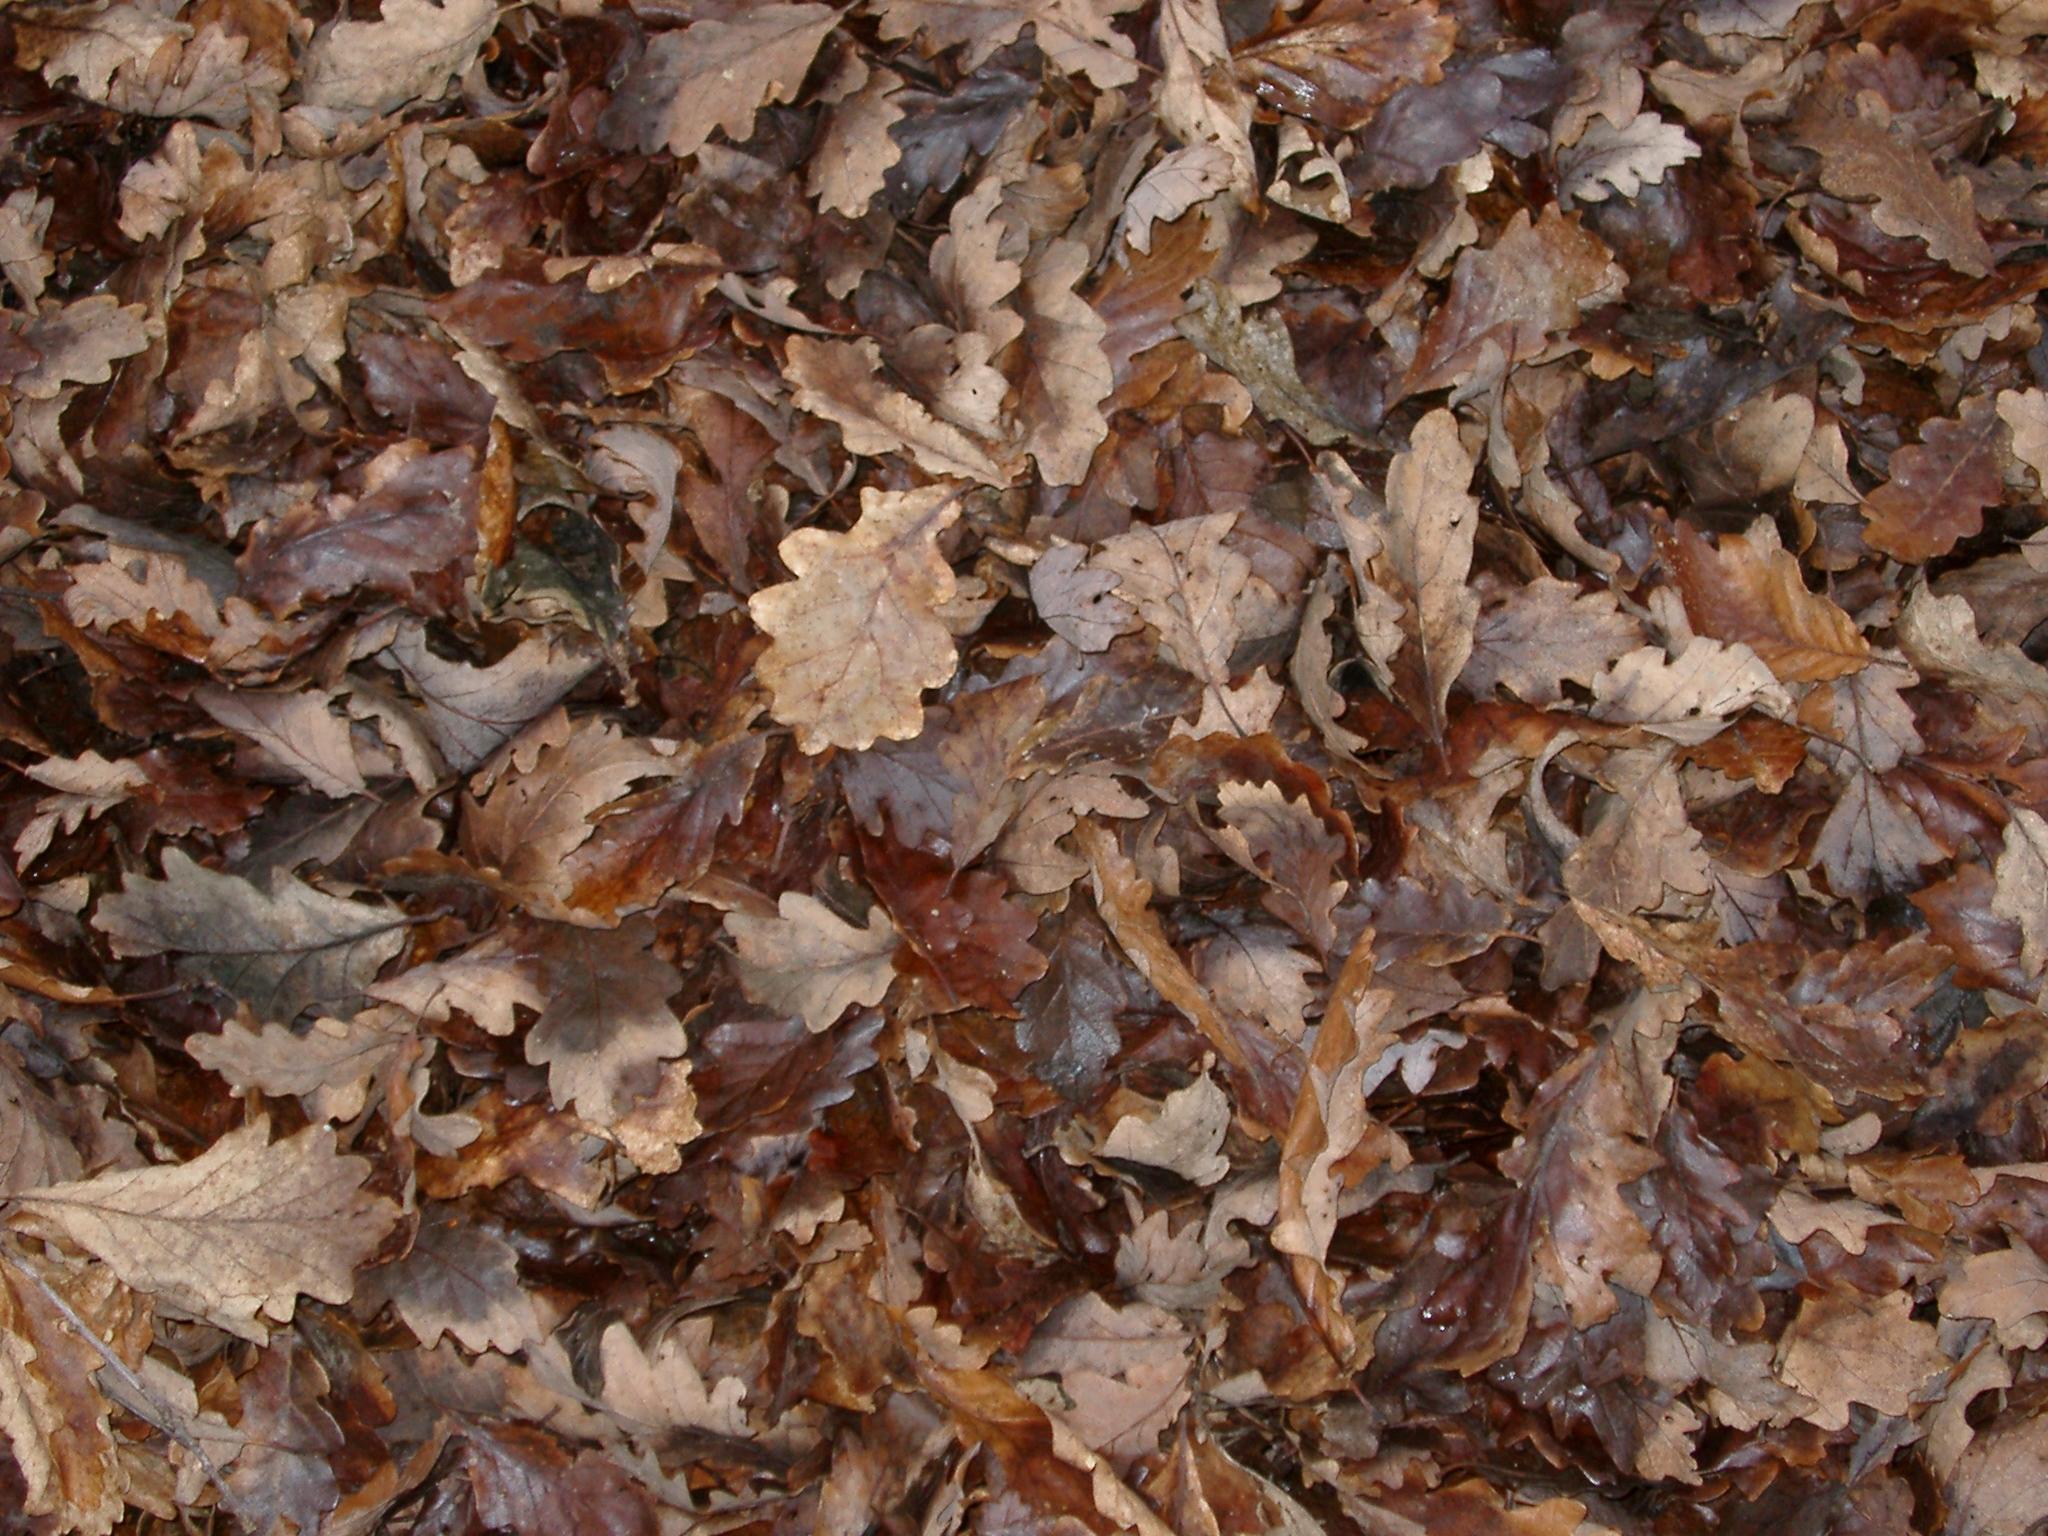 Autumn leaves, Autumn, Backdrop, Brown, Crisp, HQ Photo